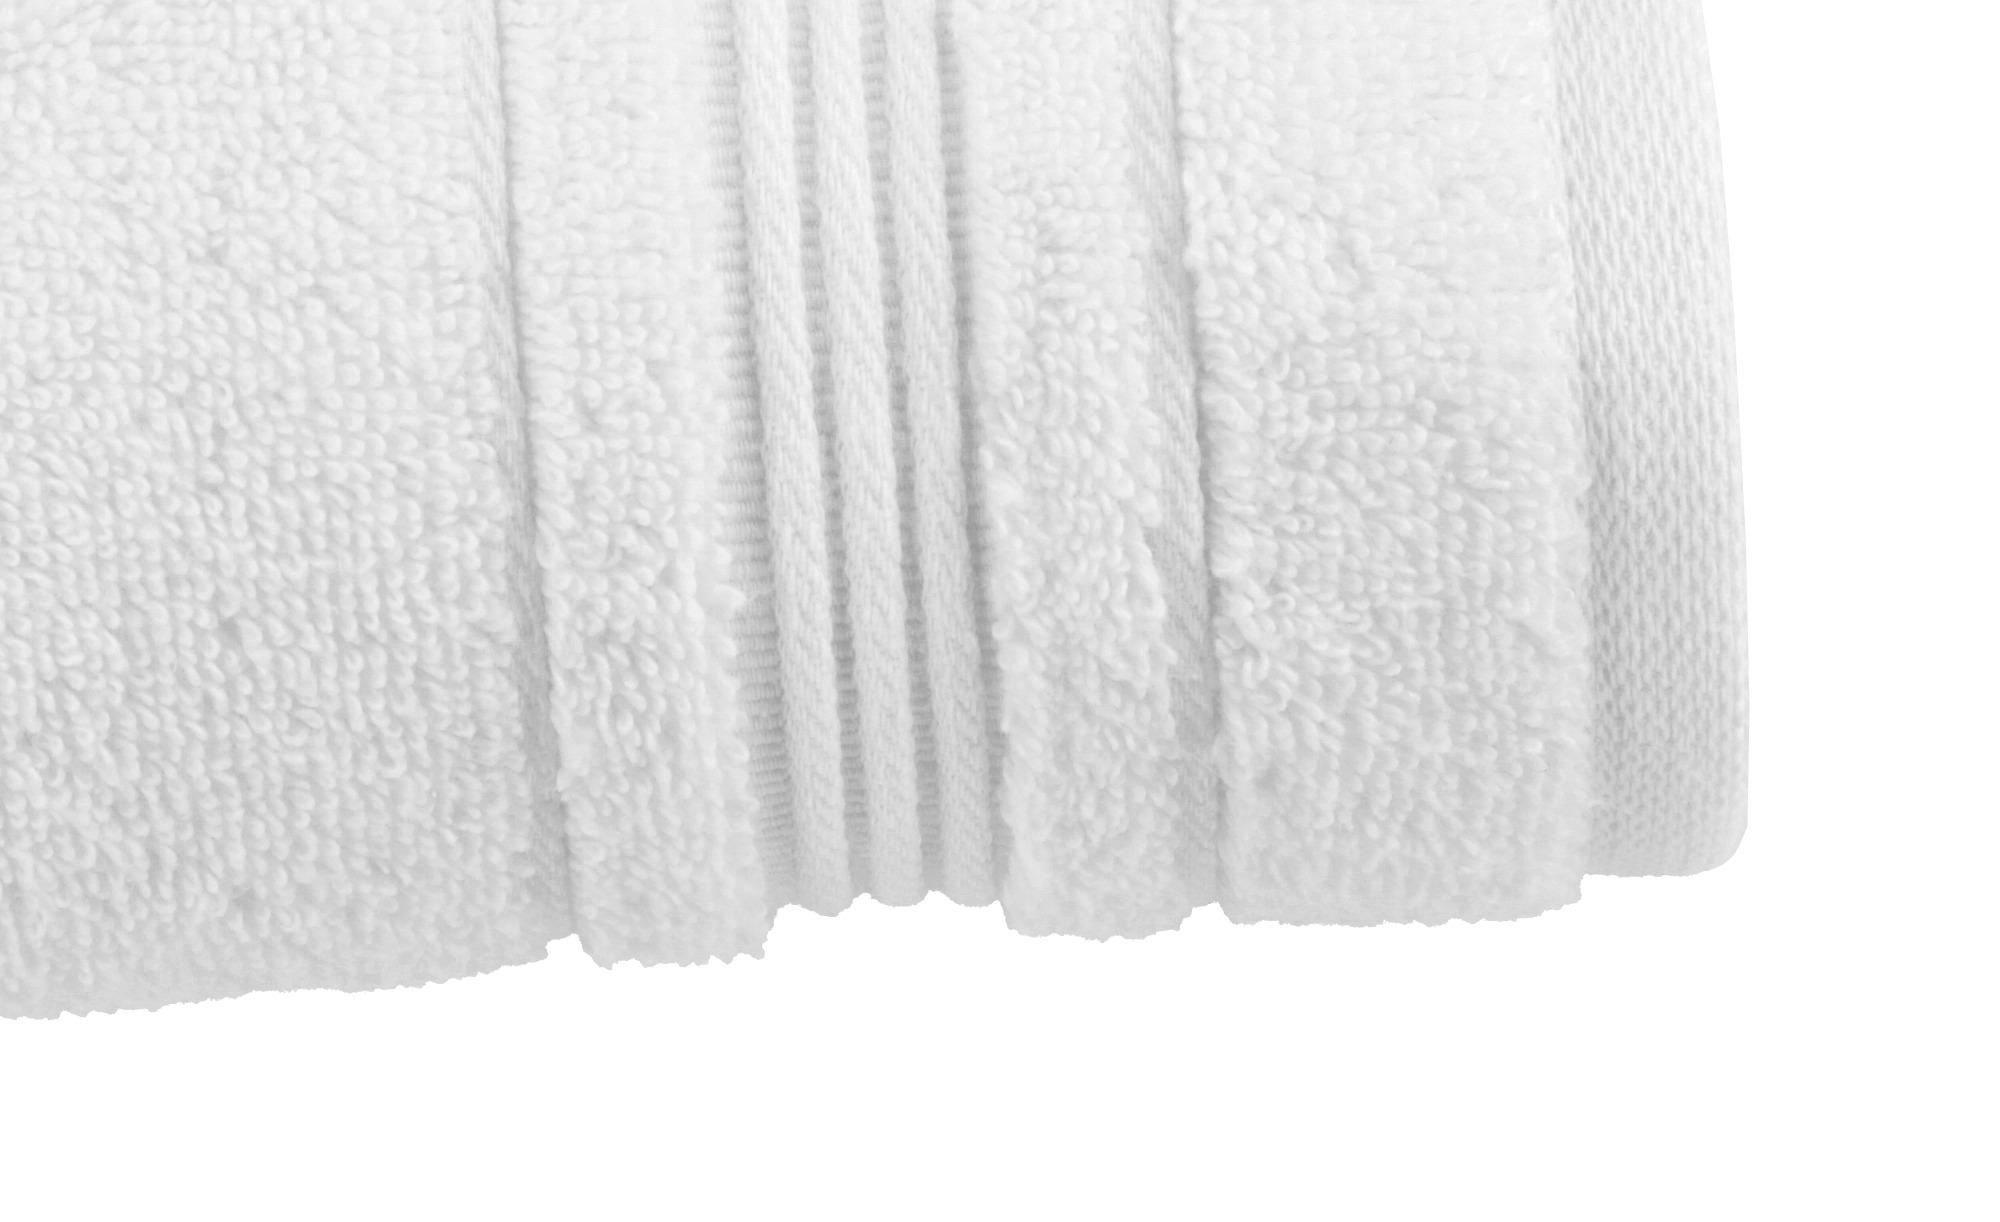 VOSSEN Badetuch  Soft Dreams ¦ weiß ¦ 100% Baumwolle ¦ Maße (cm): B: 100 Badtextilien und Zubehör > Handtuch-Sets - Höffner